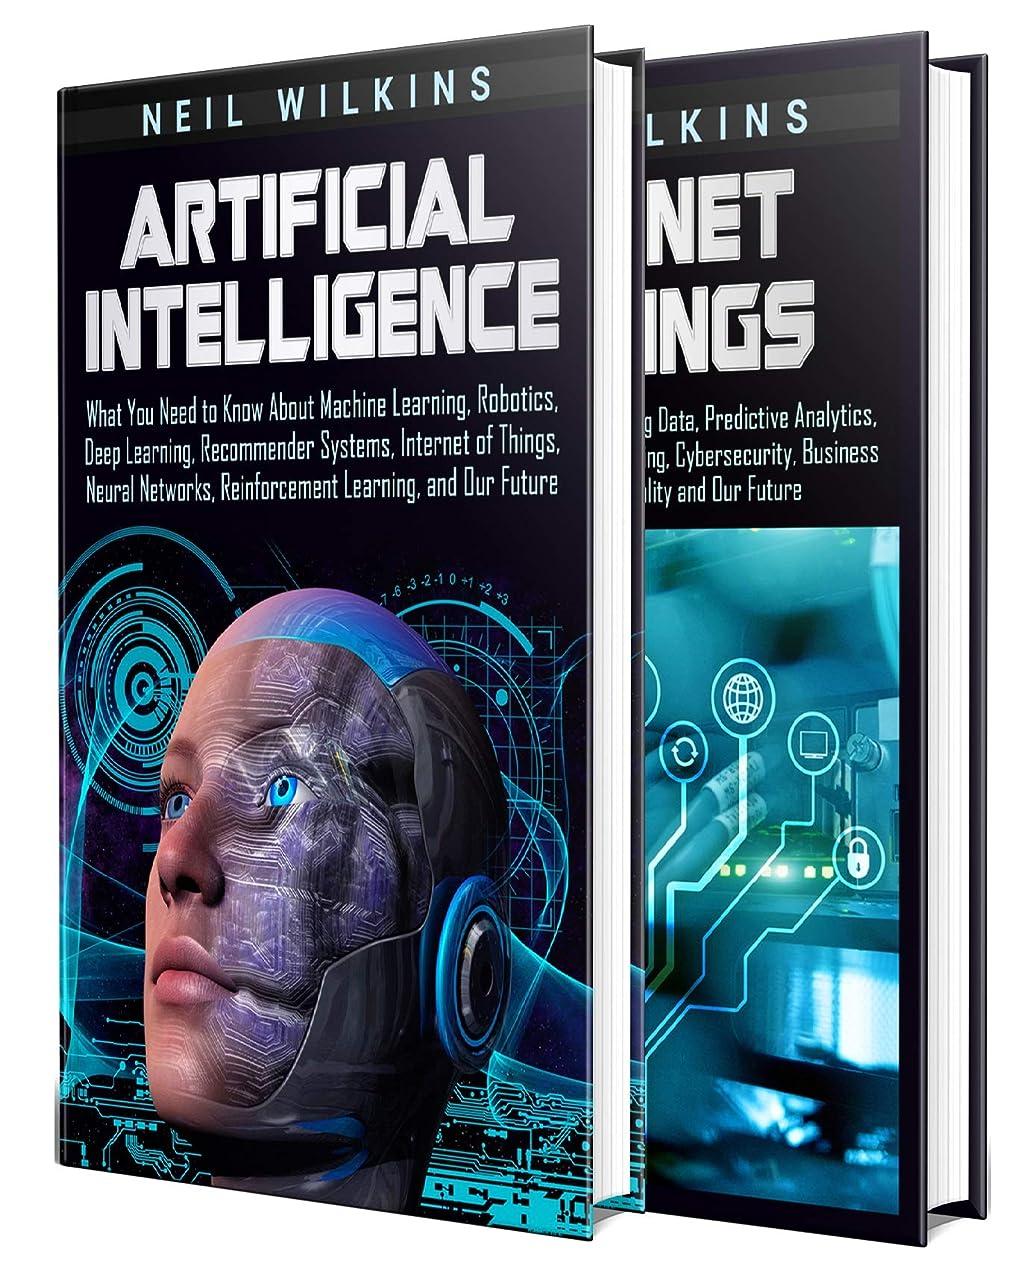 砲兵ご注意狂信者Artificial Intelligence: A Comprehensive Guide to AI, Machine Learning, Internet of Things, Robotics, Deep Learning, Predictive Analytics, Neural Networks, ... Learning, and Our Future (English Edition)